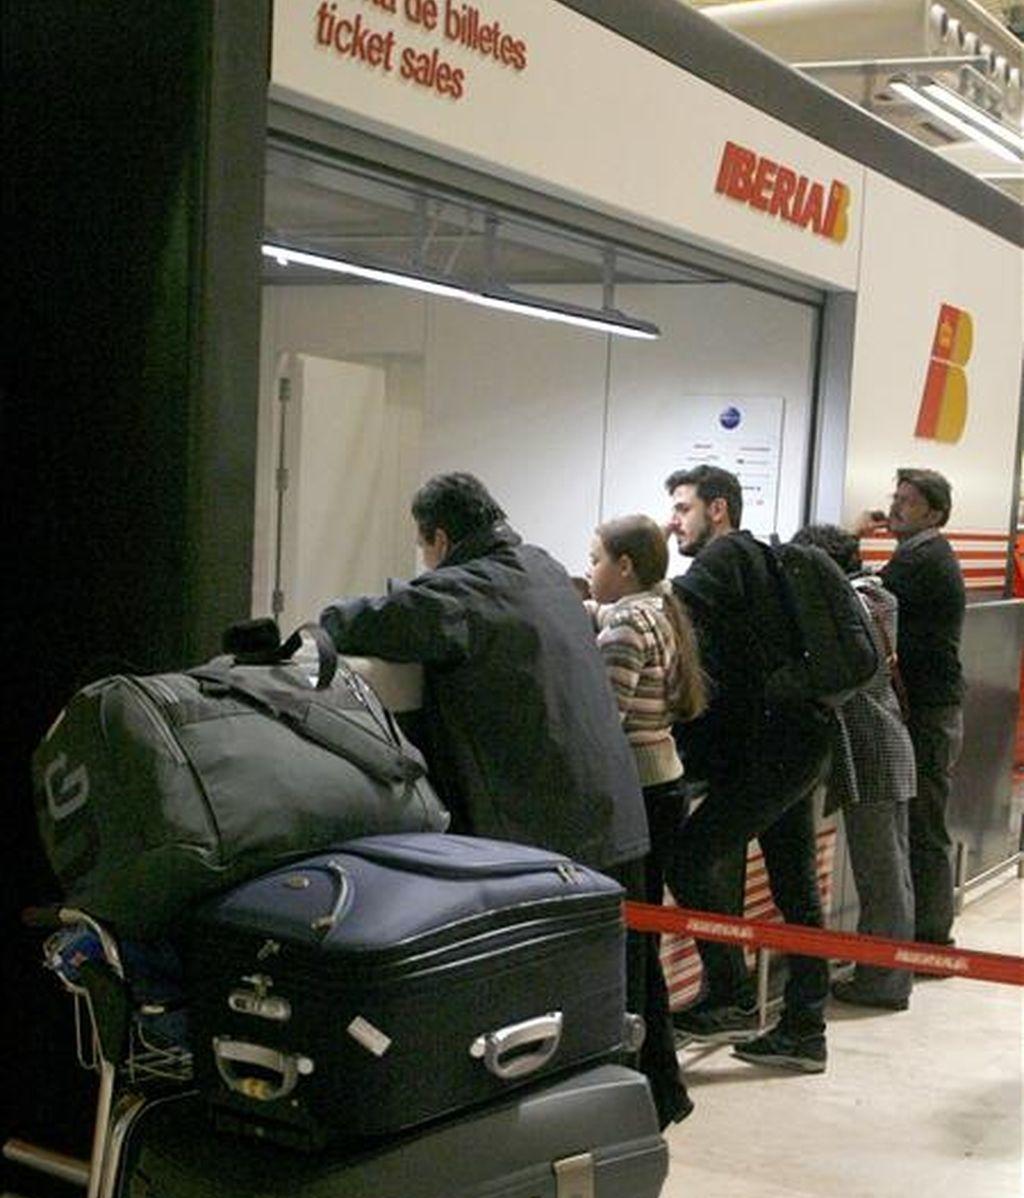 Comienza el paro de 48 horas de tripulantes de cabina de Iberia. Vídeo: ATLAS.